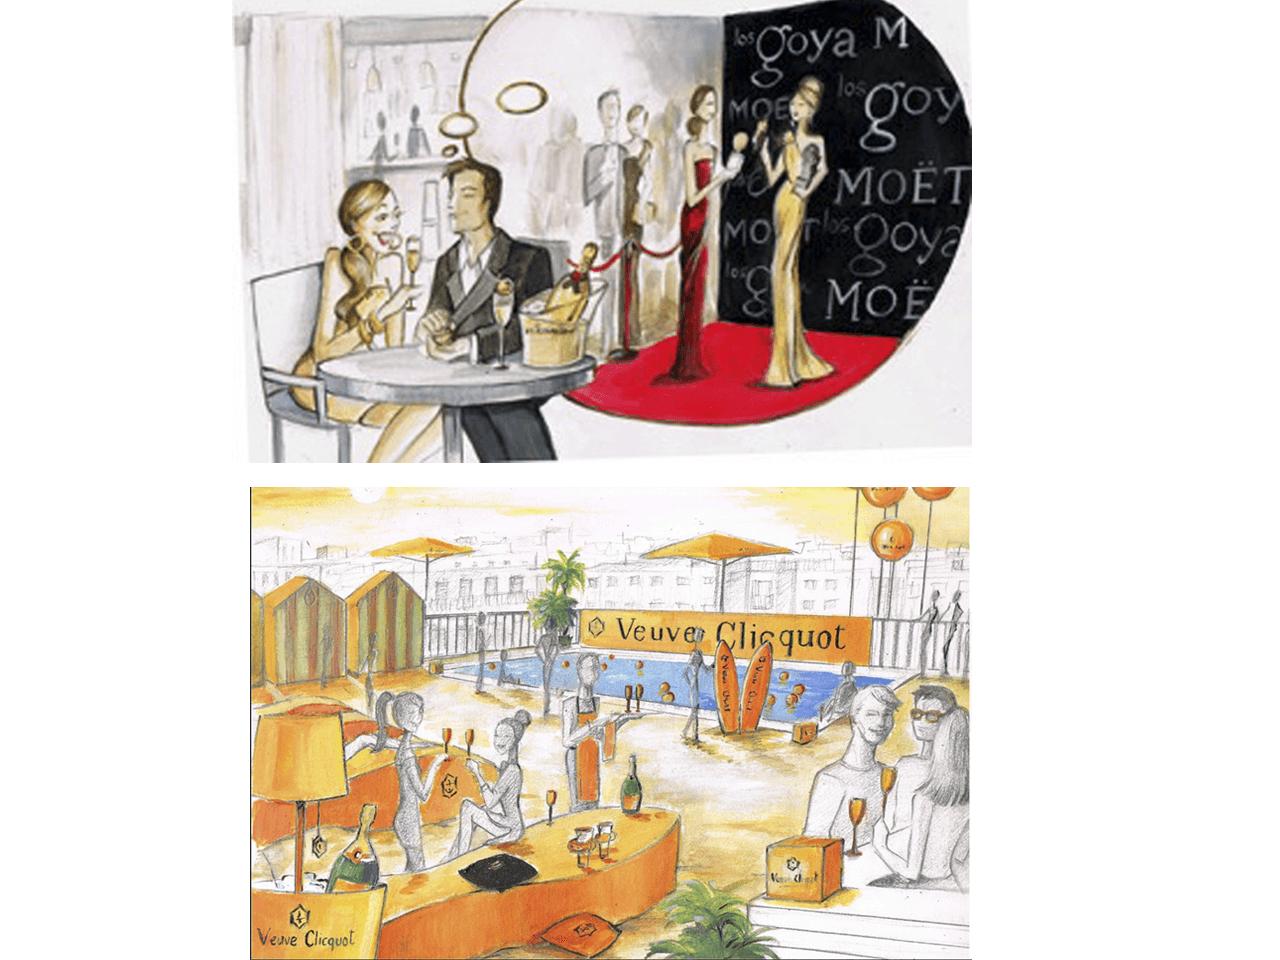 Ilustraciones-Moet-Chandon-Carol-Moreno-Pintora-Artistica-1